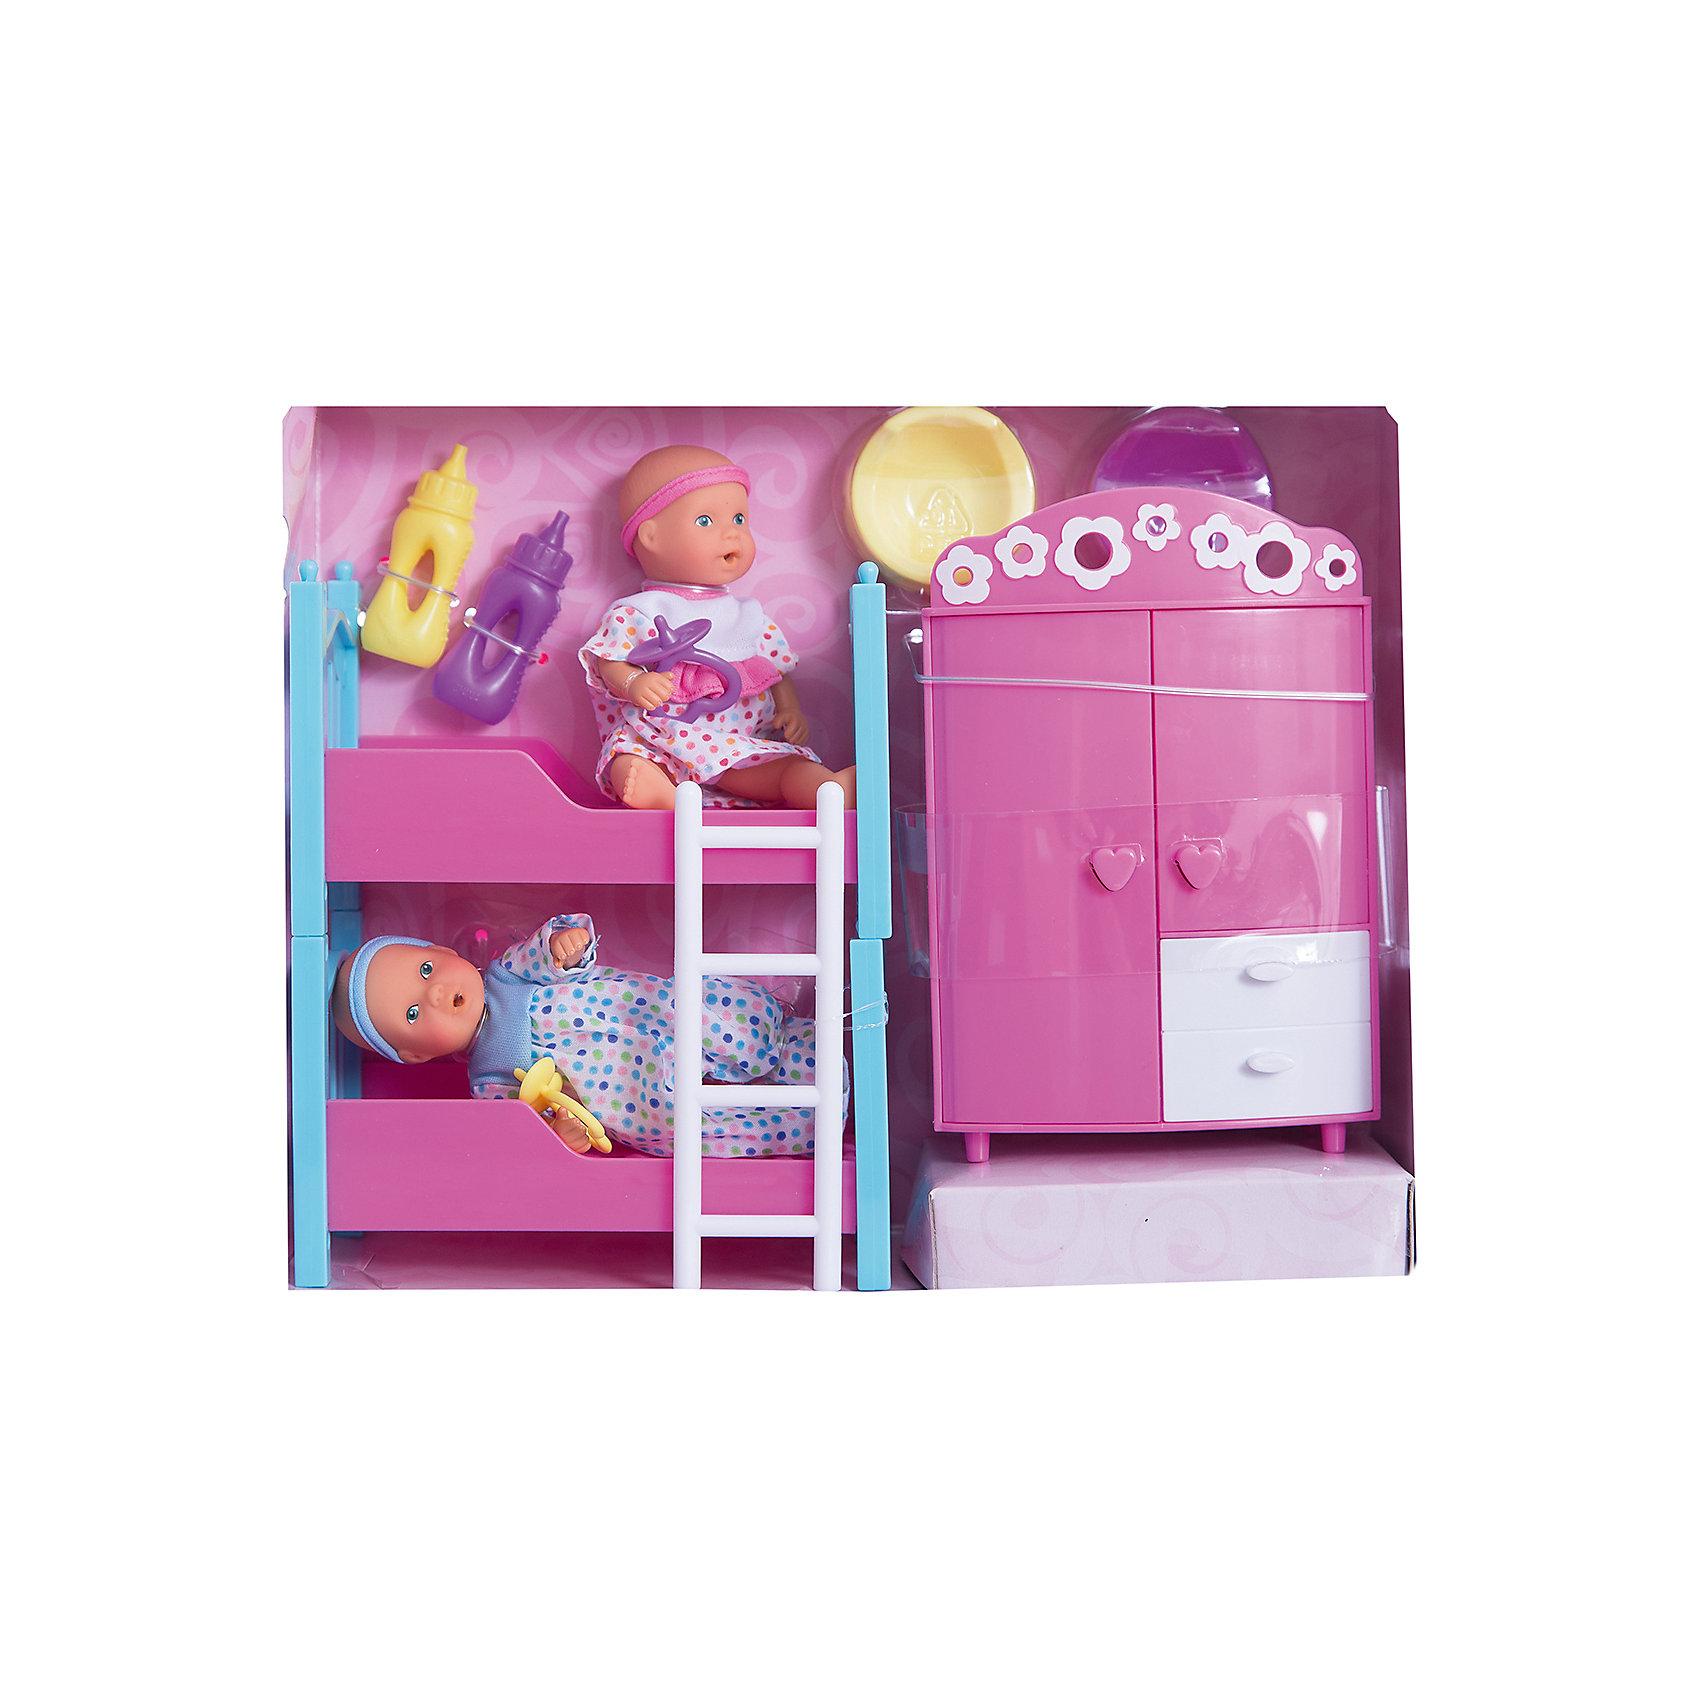 Набор пупсиков в детской спальне, 12 см, SimbaХарактеристики товара:<br><br>- цвет: разноцветный;<br>- материал: текстиль, пластик;<br>- габариты упаковки: 28х9х22 см;<br>- высота пупса: 12 см;<br>- комплектация: 2 пупса, шкаф, двухъярусная кроватка с лестницей, 2 горшка, 2 бутылочки, 2 соски;<br>- возраст от: 3+.<br><br>Дочки–матери – любимая игра всех малышек. Пластиковые пупсы – приятное и веселое развлечение. В наборе идут 2 куклы, кроватка и шкафчик – все как в настоящей спальне! Куклы умеют пить. Подходит как для одиночной игры, так и для игры в кругу друзей. Прививает малышке чувство ответственности и развивает социальные навыки. Материалы, использованные при изготовлении изделия, абсолютно безопасны и полностью отвечают международным требованиям по качеству детских товаров.<br><br>Игрушку Набор пупсиков в детской спальне, 12 см от бренда Simba можно купить в нашем интернет-магазине.<br><br>Ширина мм: 220<br>Глубина мм: 280<br>Высота мм: 80<br>Вес г: 600<br>Возраст от месяцев: 36<br>Возраст до месяцев: 168<br>Пол: Женский<br>Возраст: Детский<br>SKU: 5104805